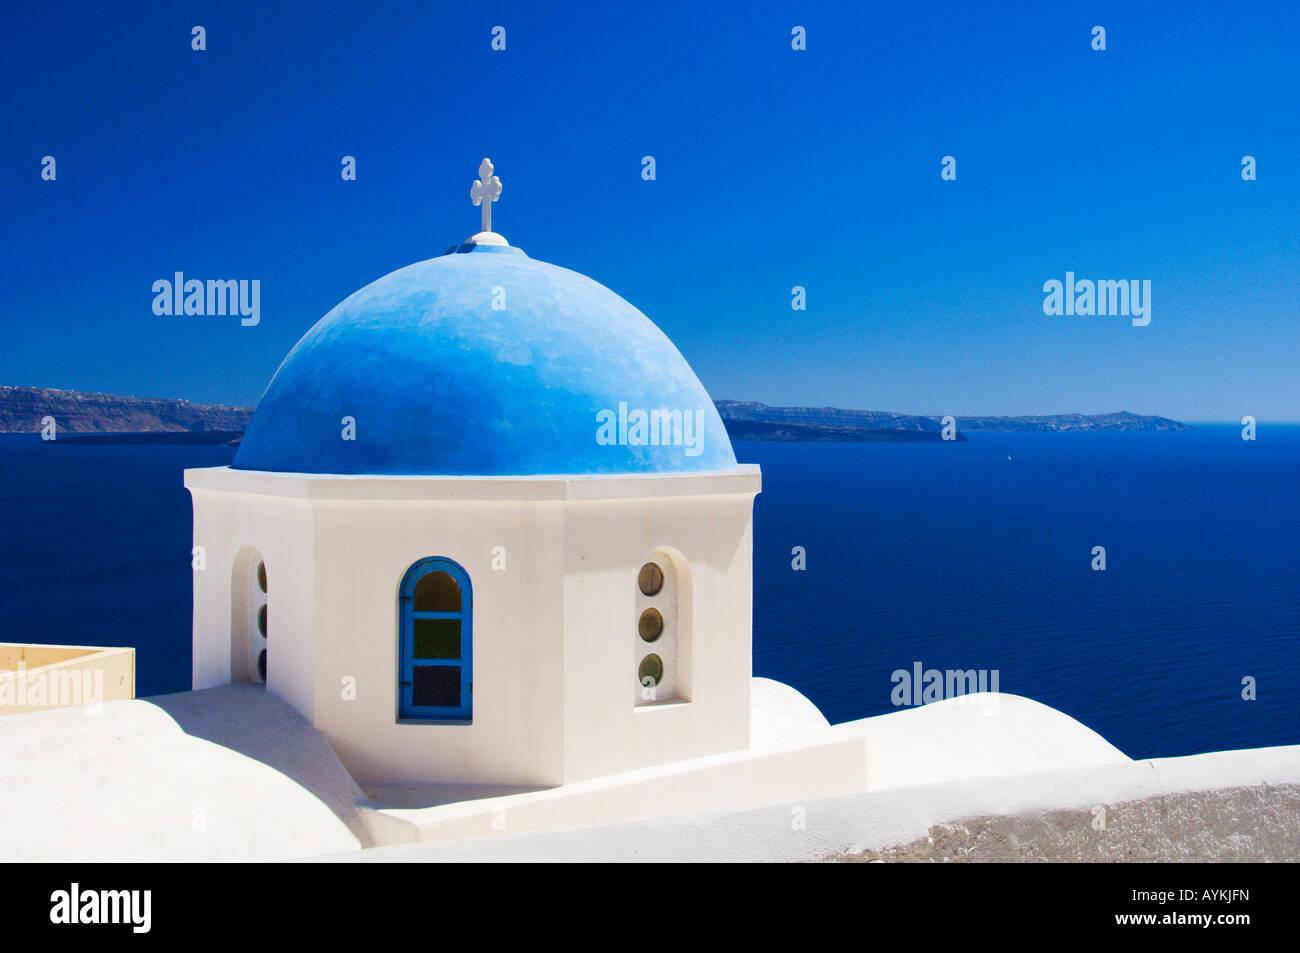 Typischen blauen Kuppelkirchen auf der Caldera Pisten von Oia auf der griechischen Insel Santorini Griechenland Stockbild